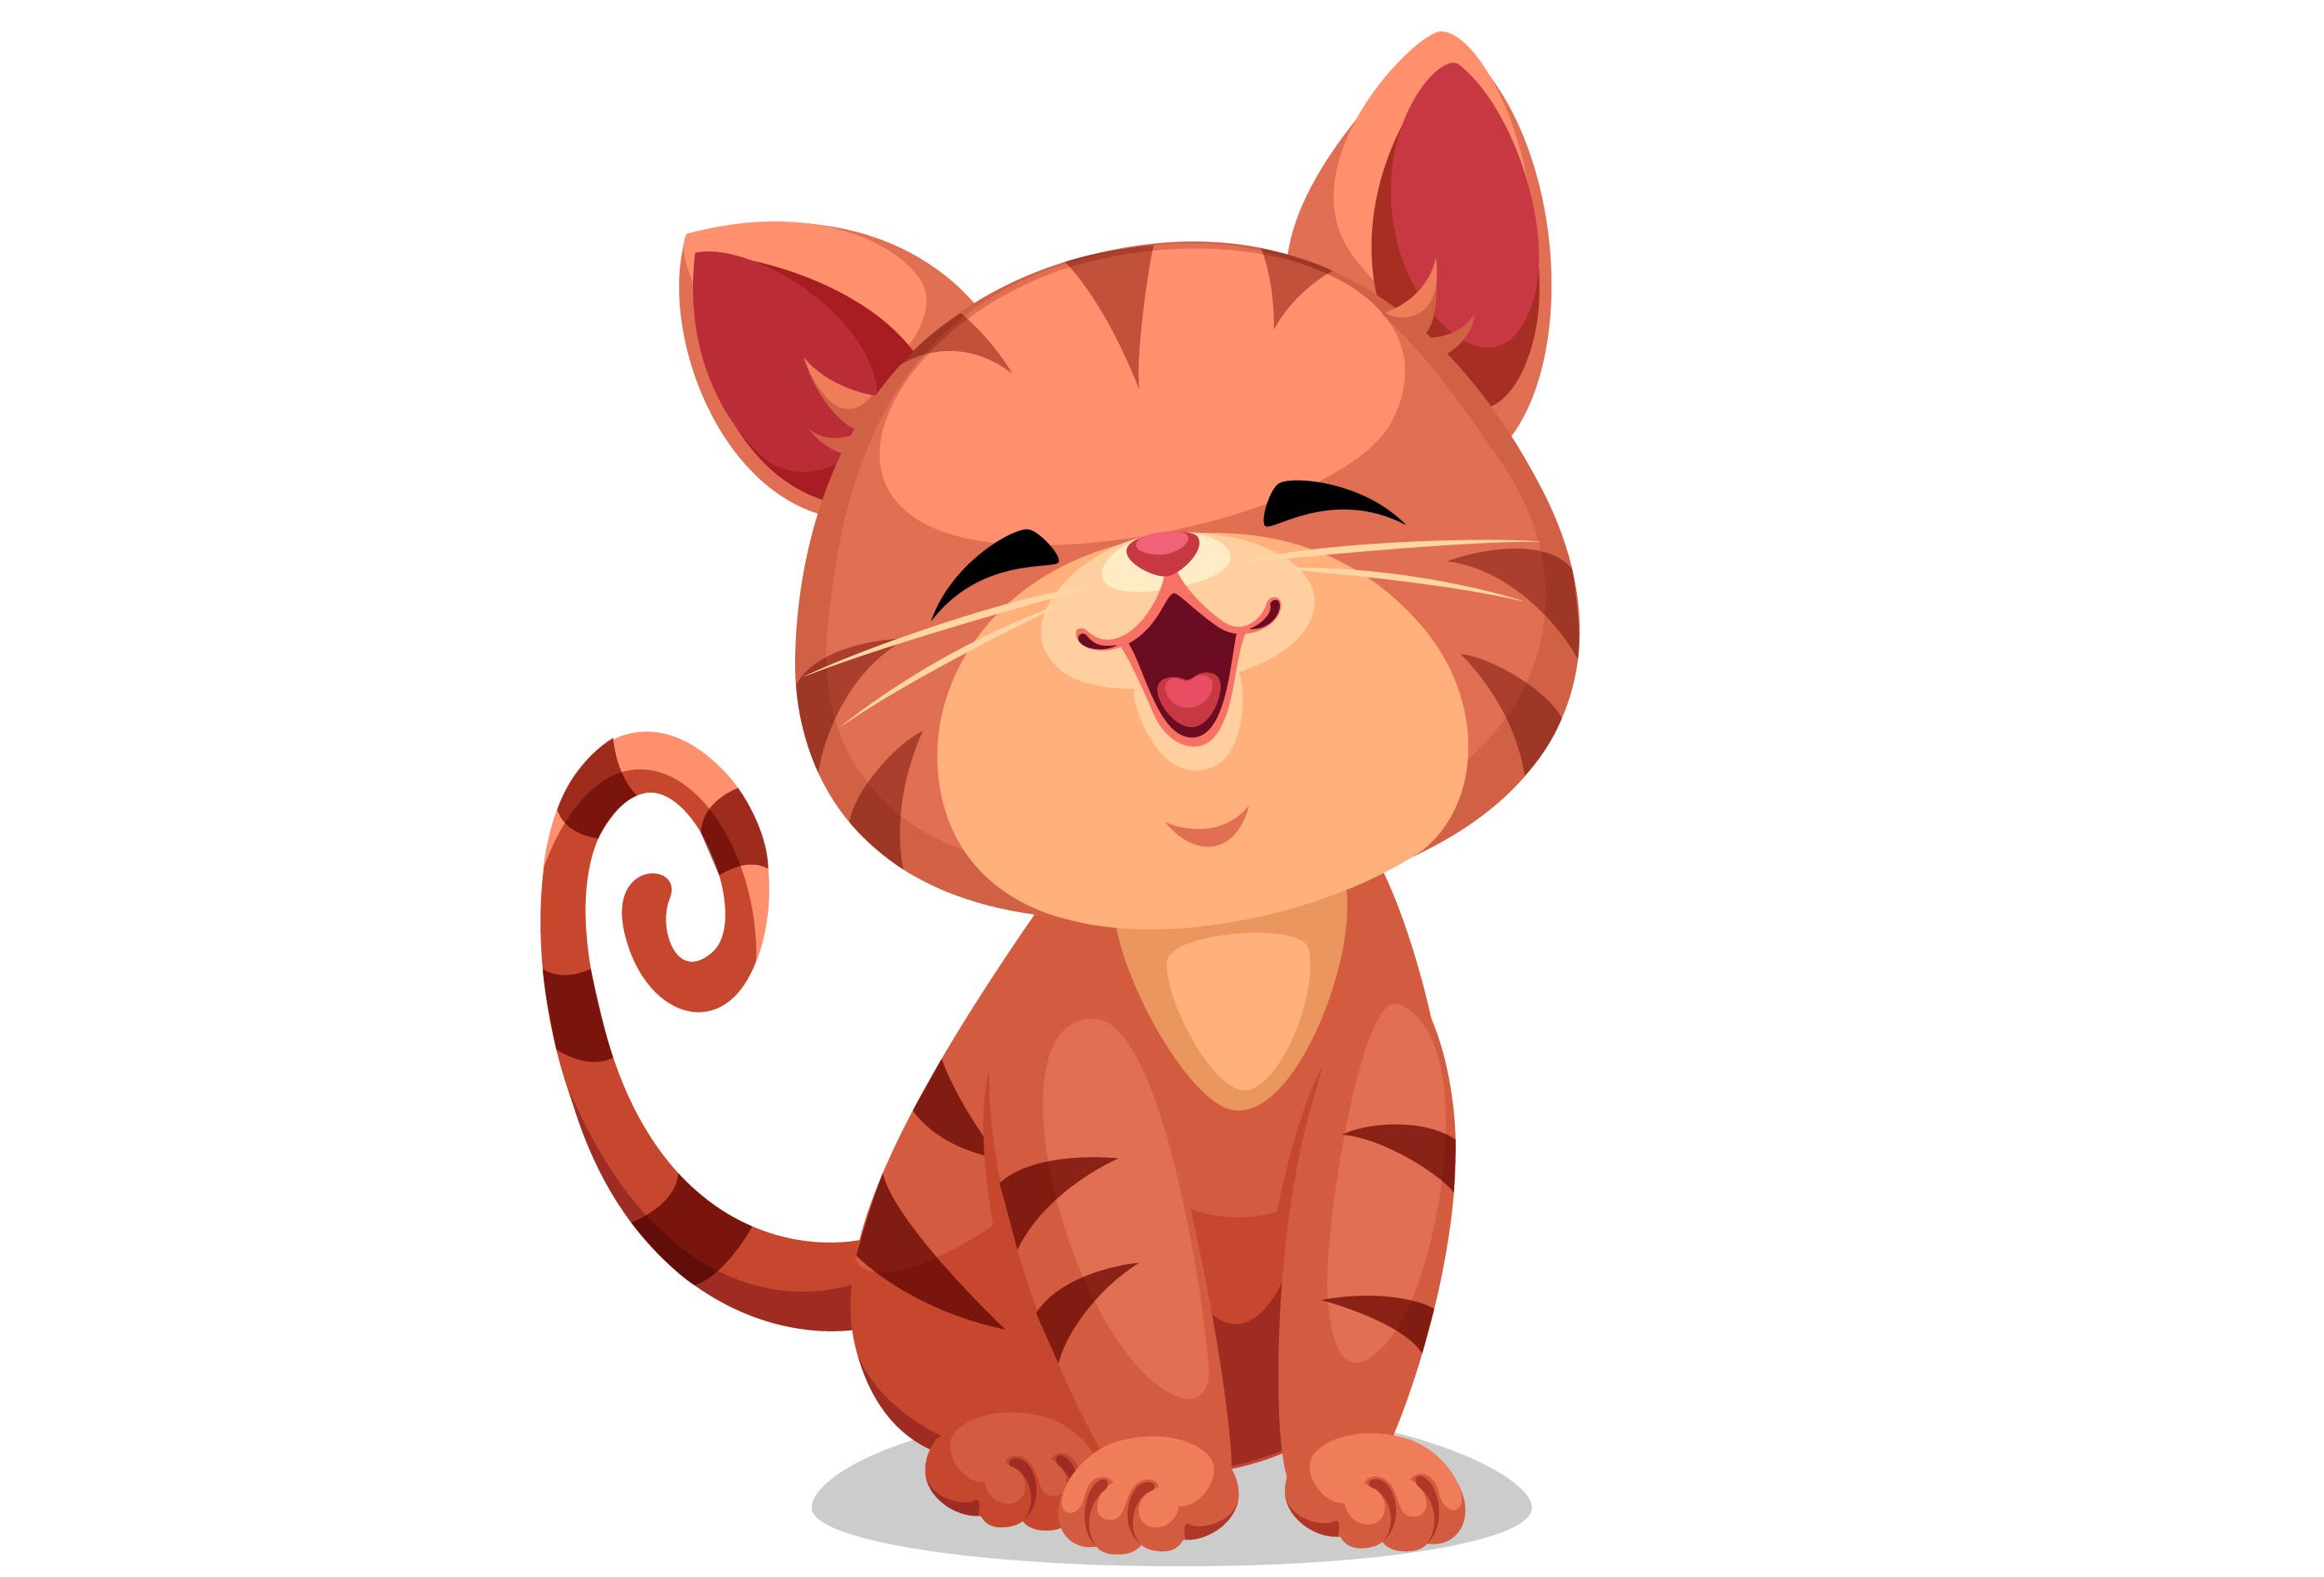 Download Cute little kitten vector - Download Free Vectors, Clipart ...